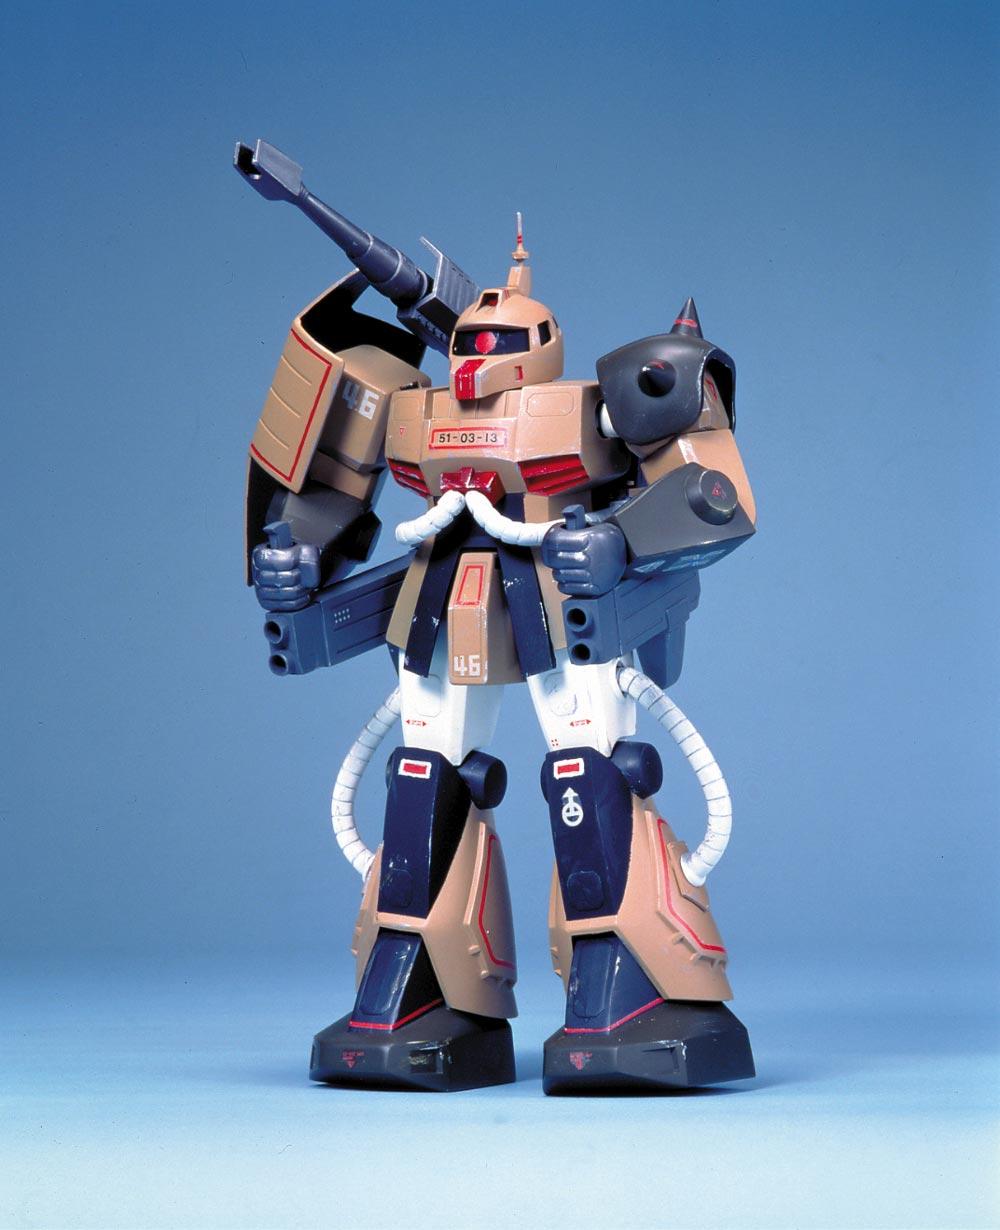 旧キット モビルスーツバリエーション(MSV) 1/100 MS-06K ザクキャノン [Mobile Suit Variations Zaku Cannon]